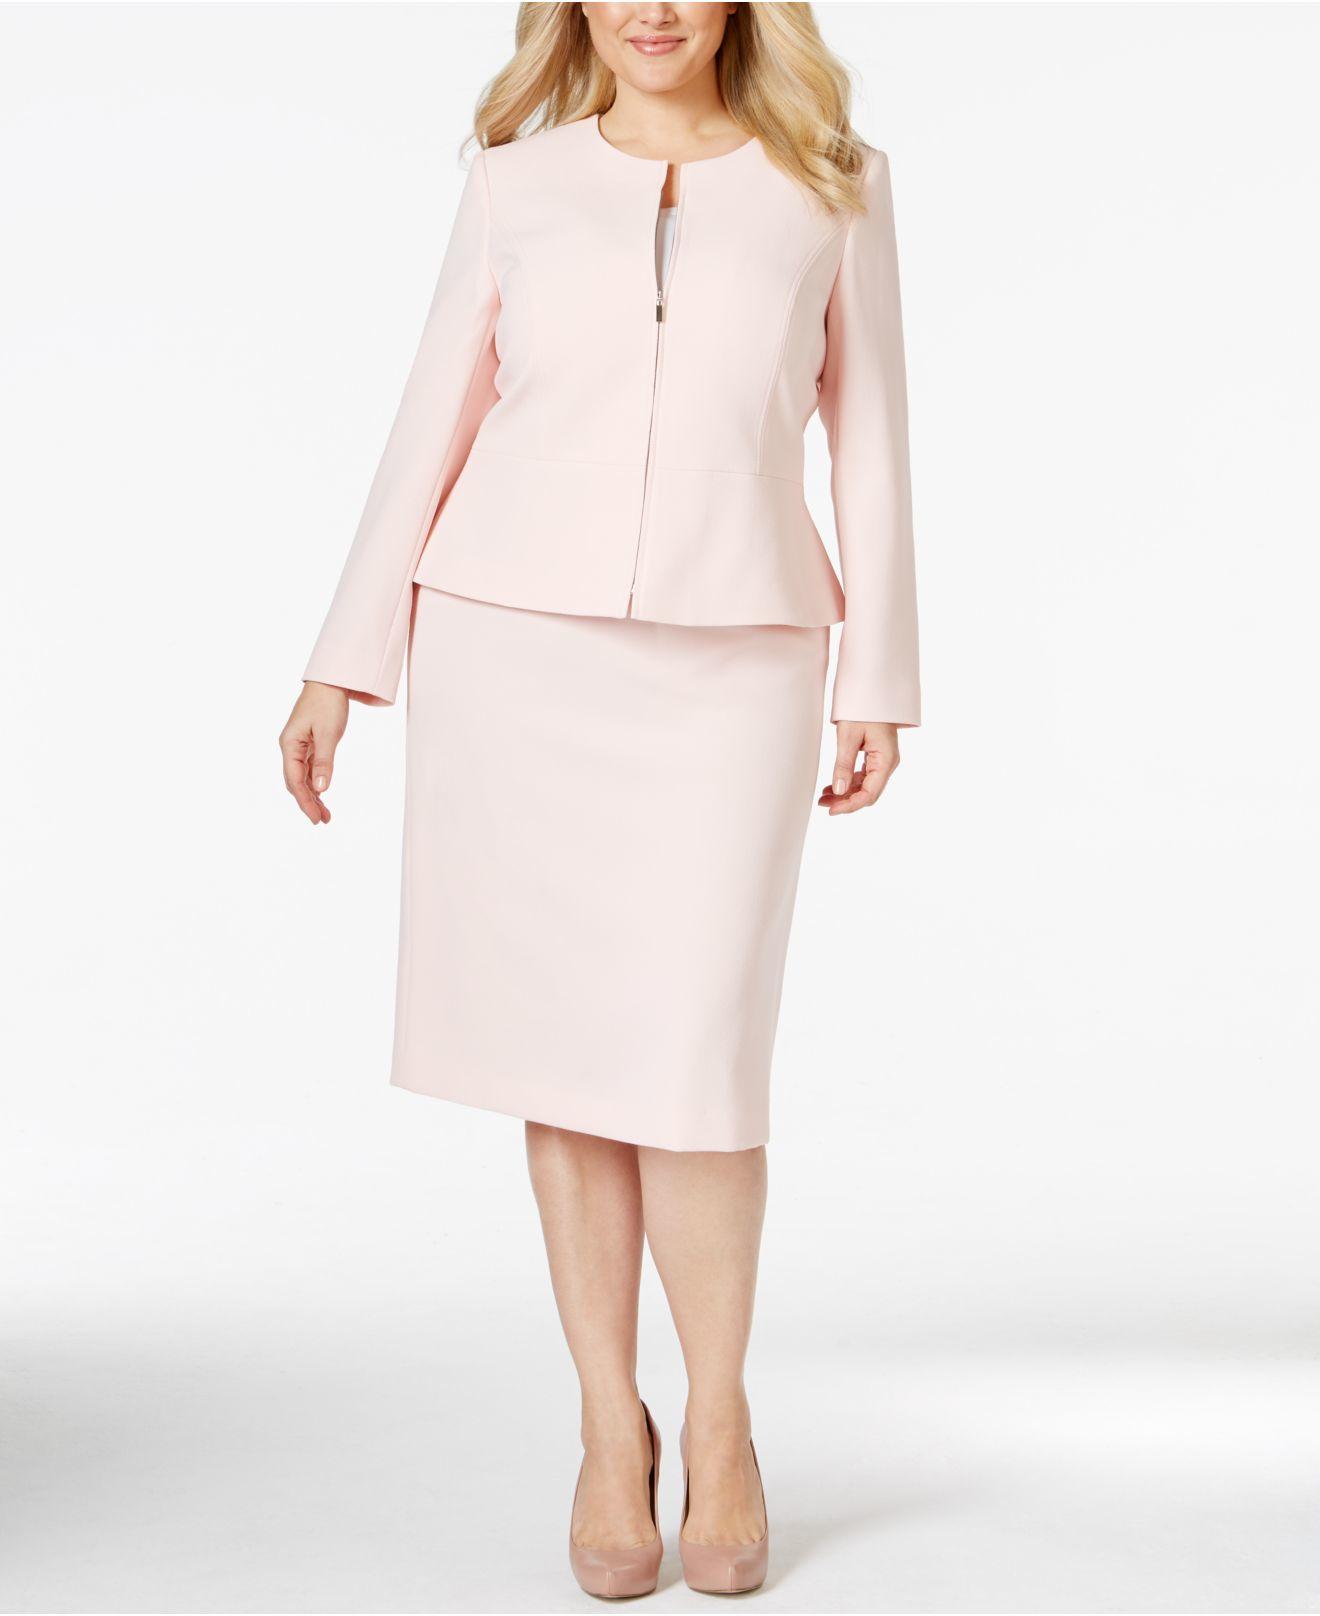 Tahari Pink Plus Size Zip-front Peplum Skirt Suit